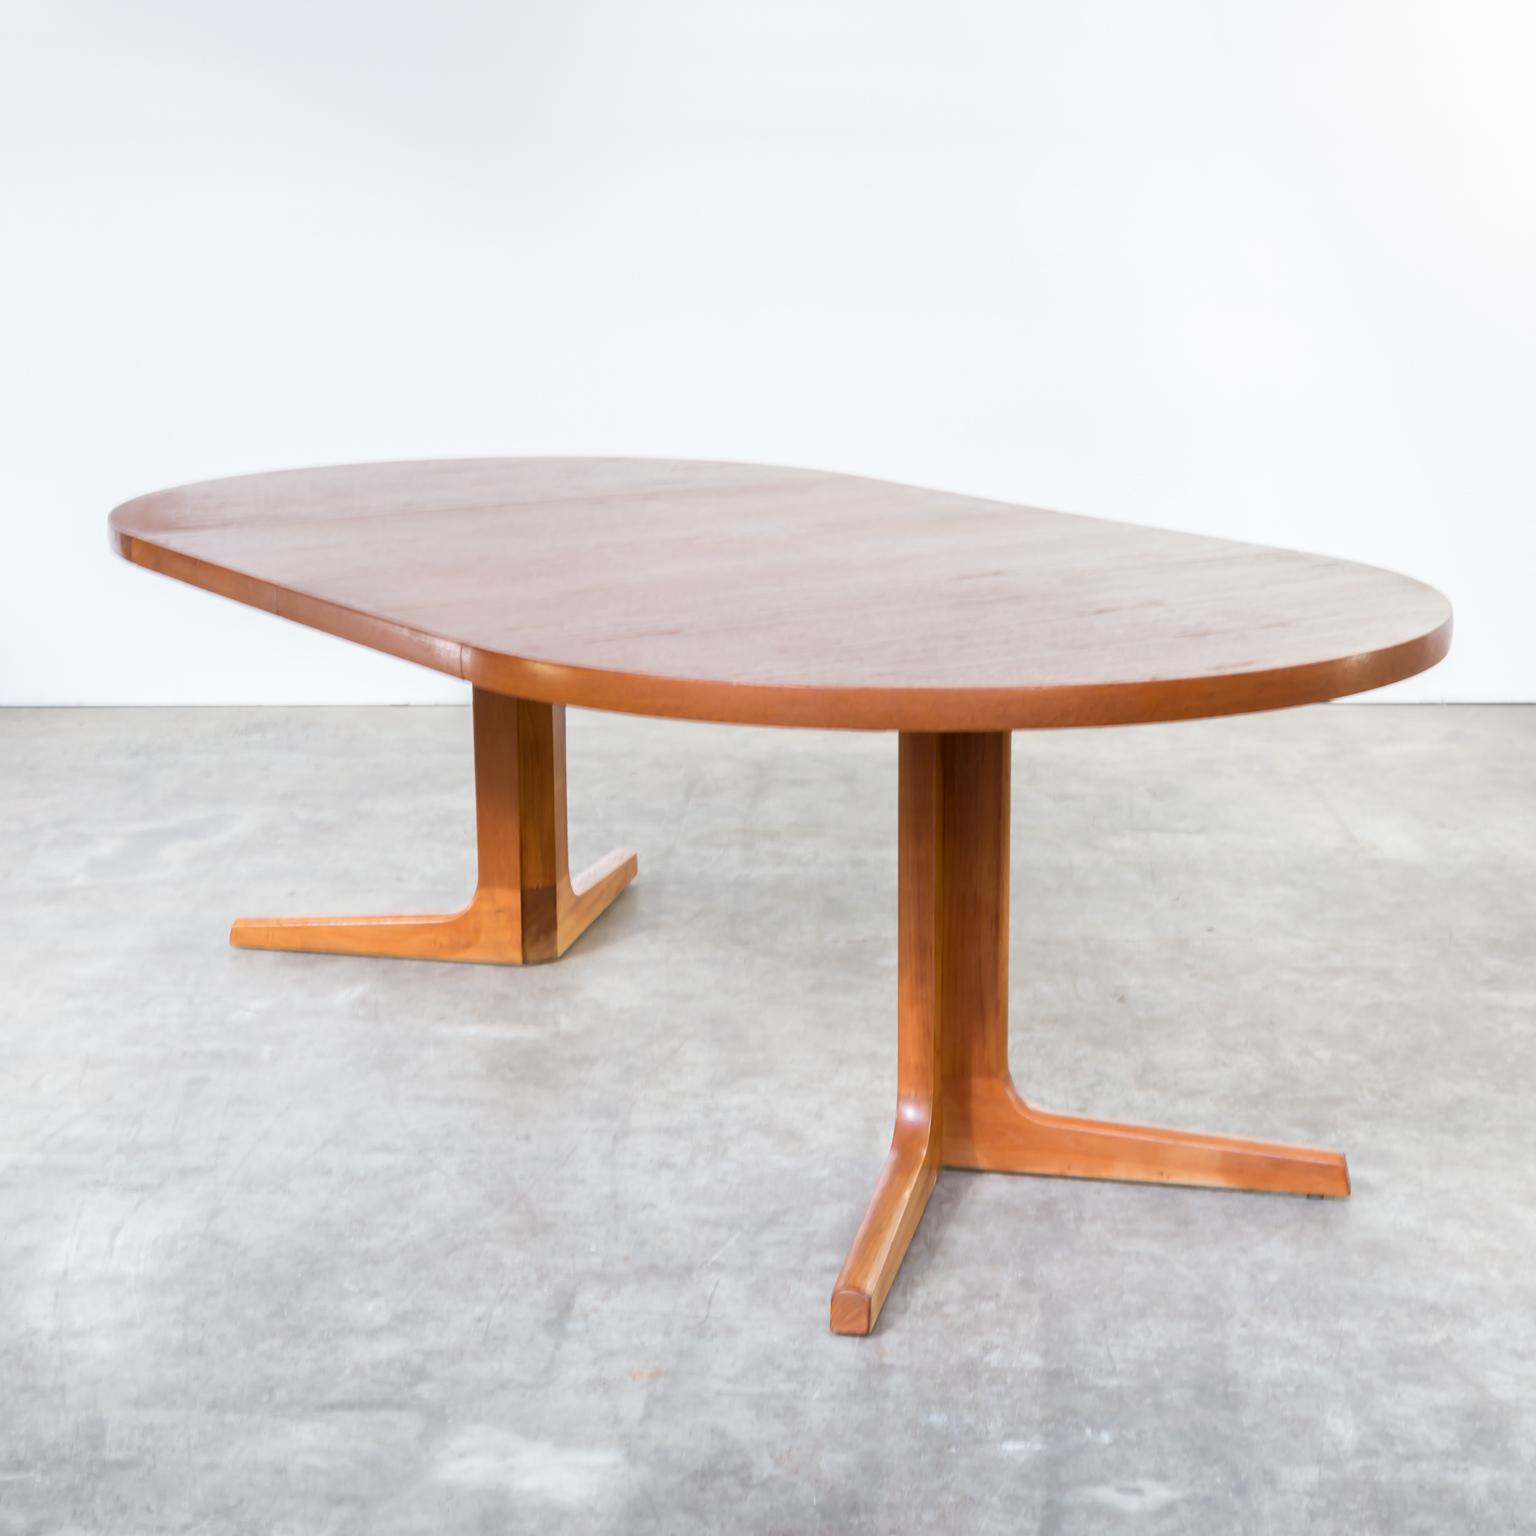 0417057TE-AM mobler-denmark-dining table-eettafel-retro-design ...